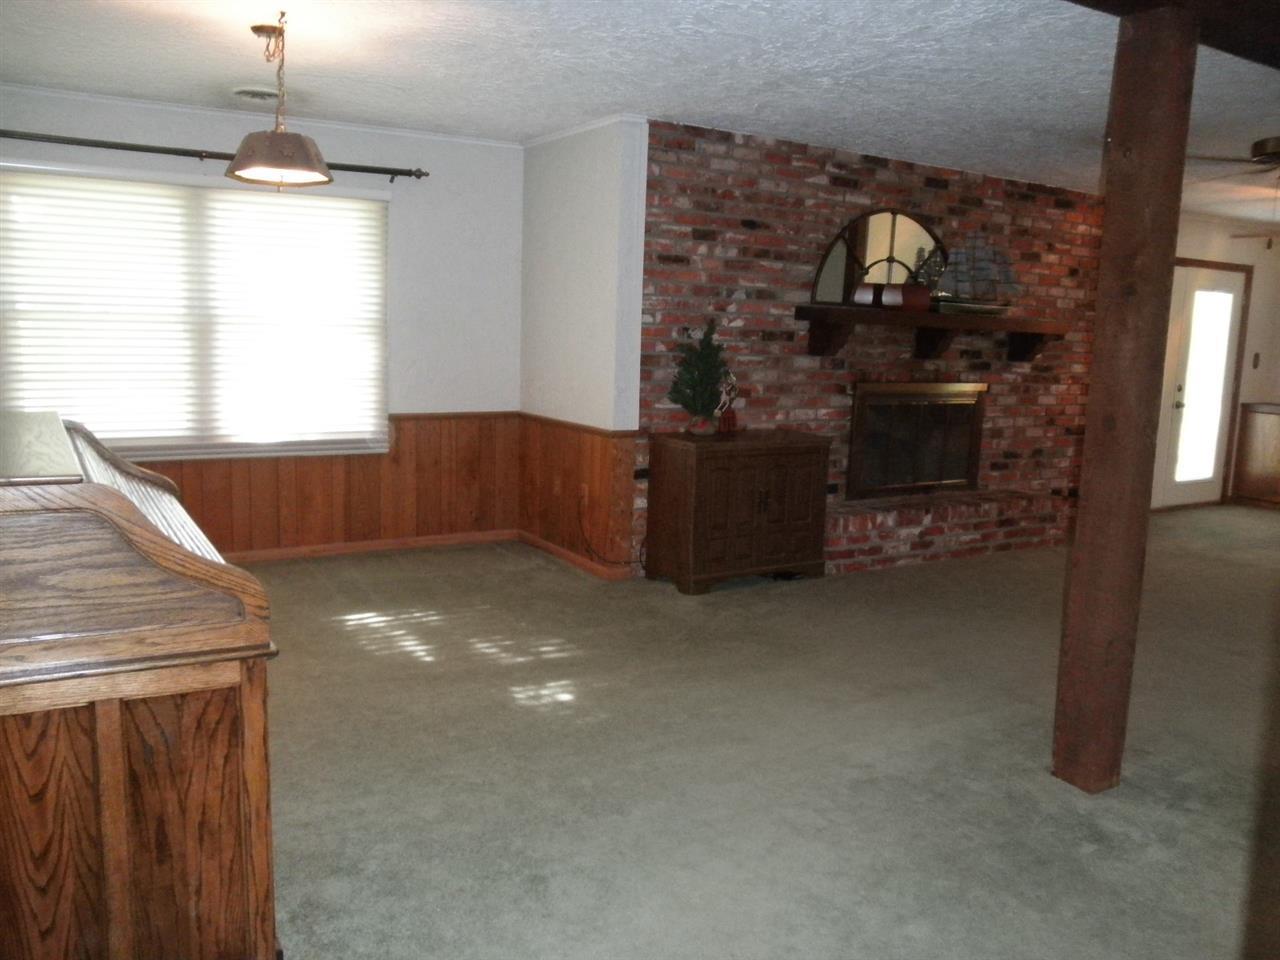 Sold Cross Sale W/ MLS | 1227 S Main  Blackwell, OK 74631 6